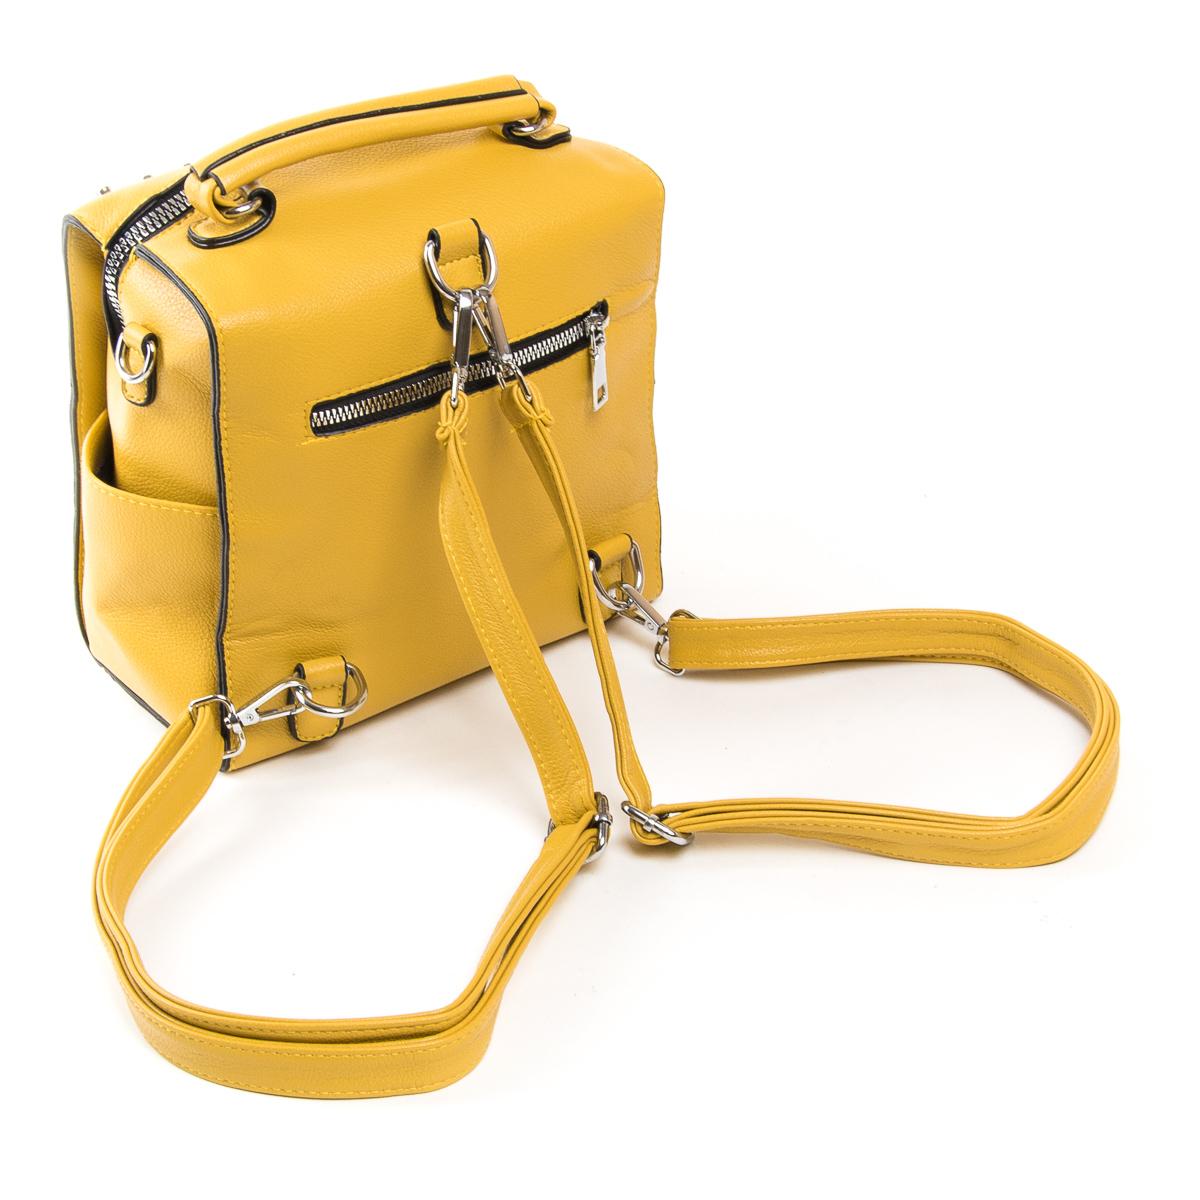 Сумка Женская Классическая иск-кожа FASHION 01-02 11054 yellow - фото 4